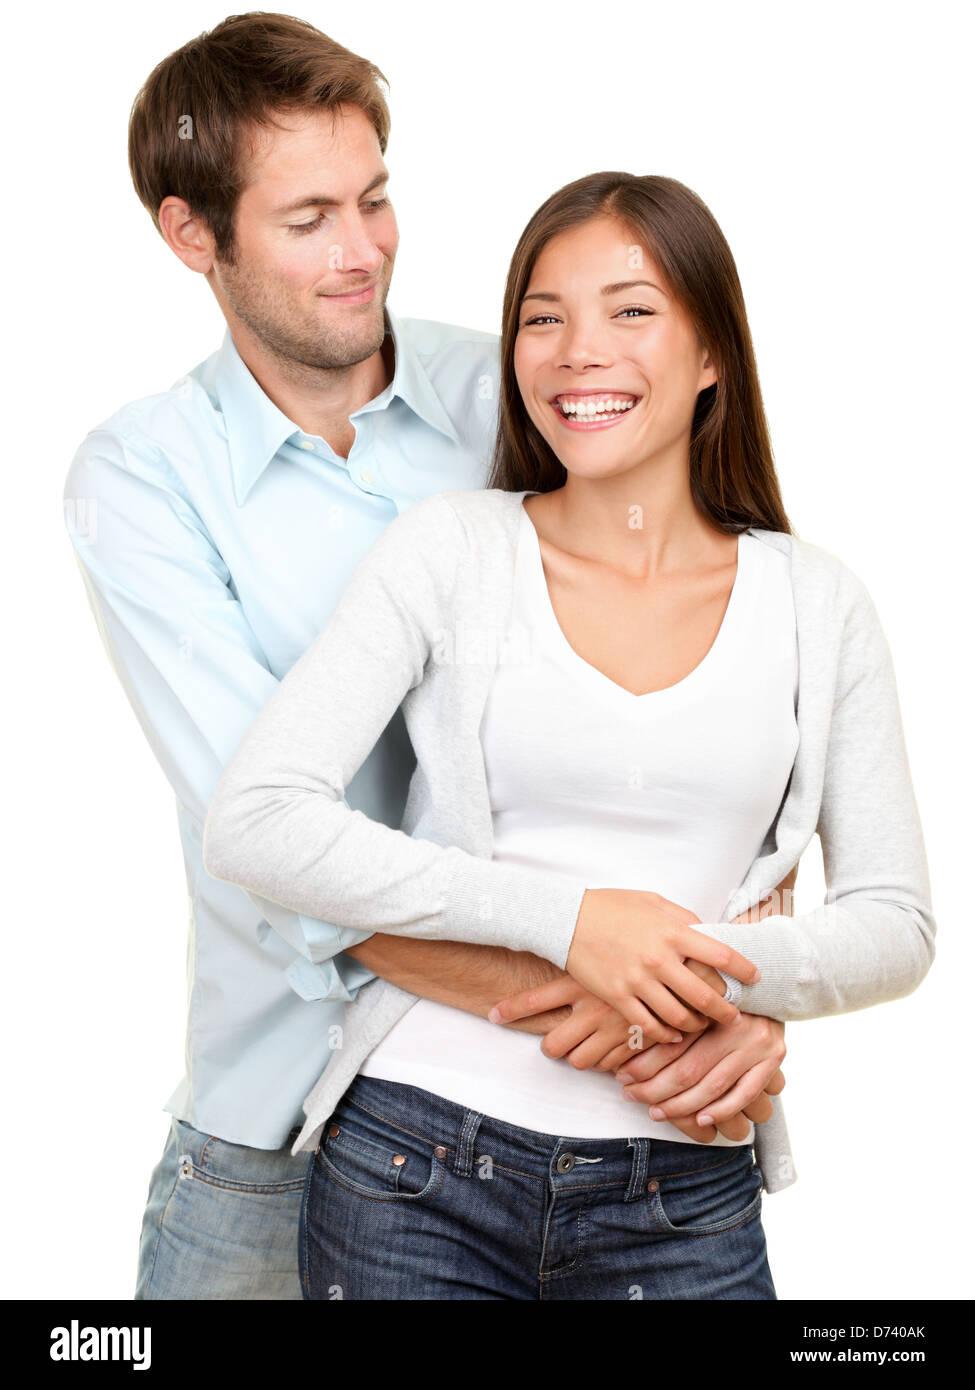 Bianco donna asiatico uomo Dating sito